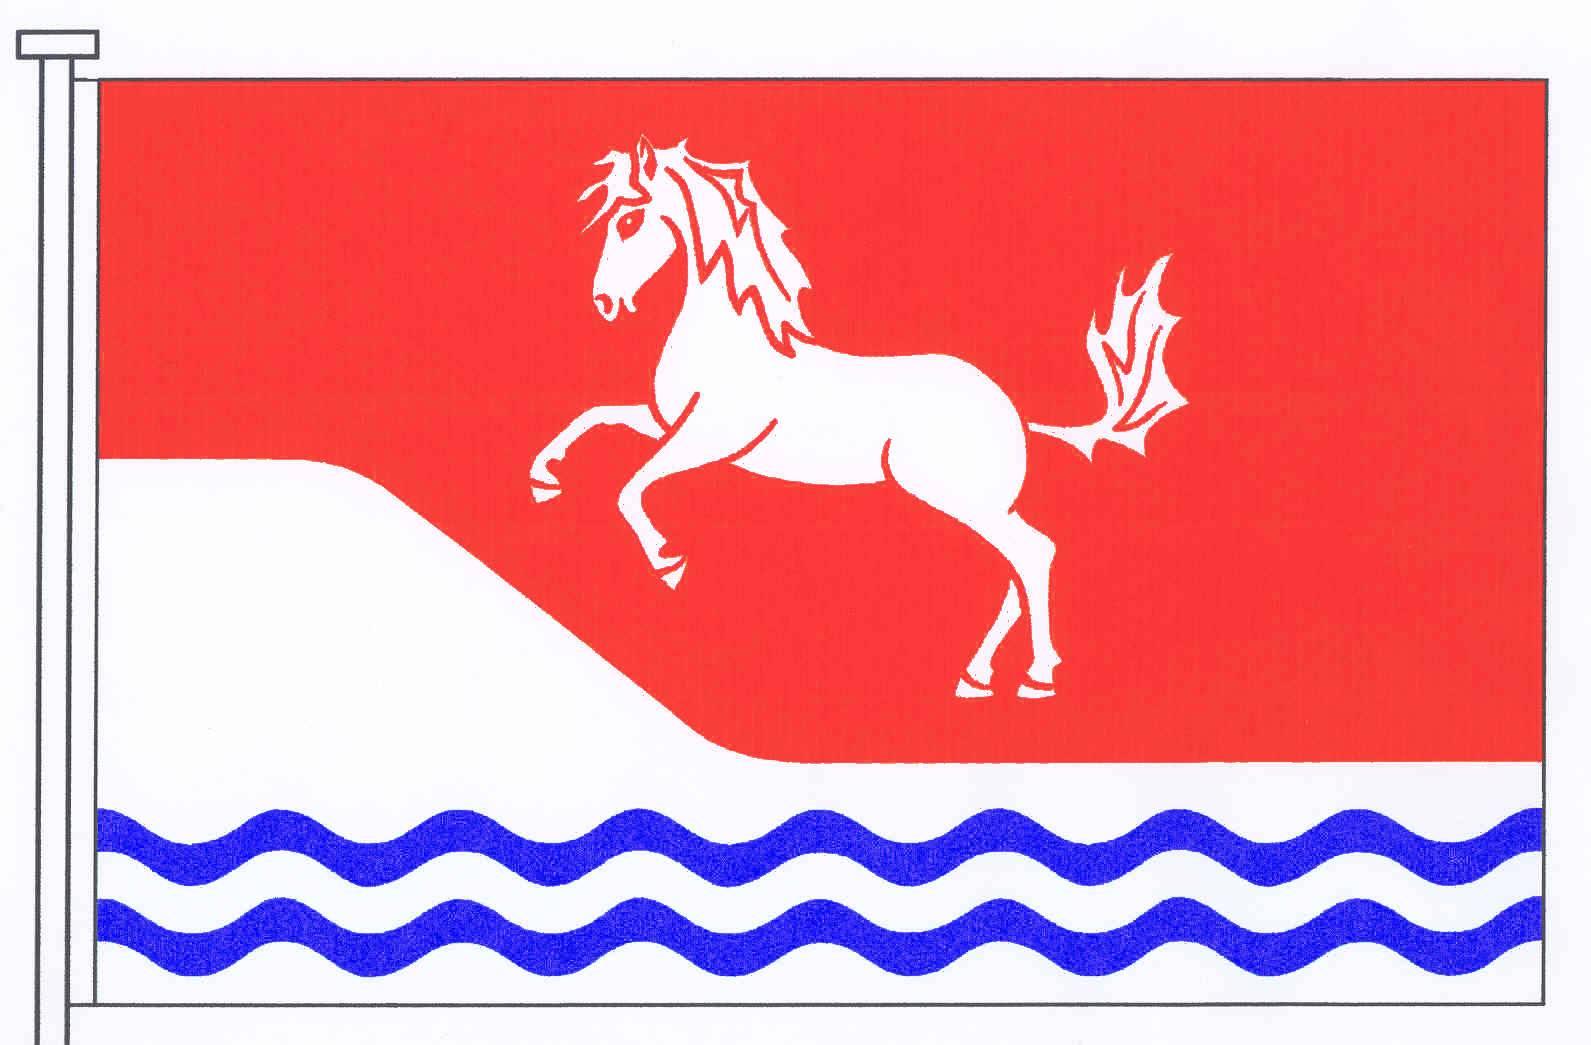 Flagge GemeindeKleve, Kreis Dithmarschen